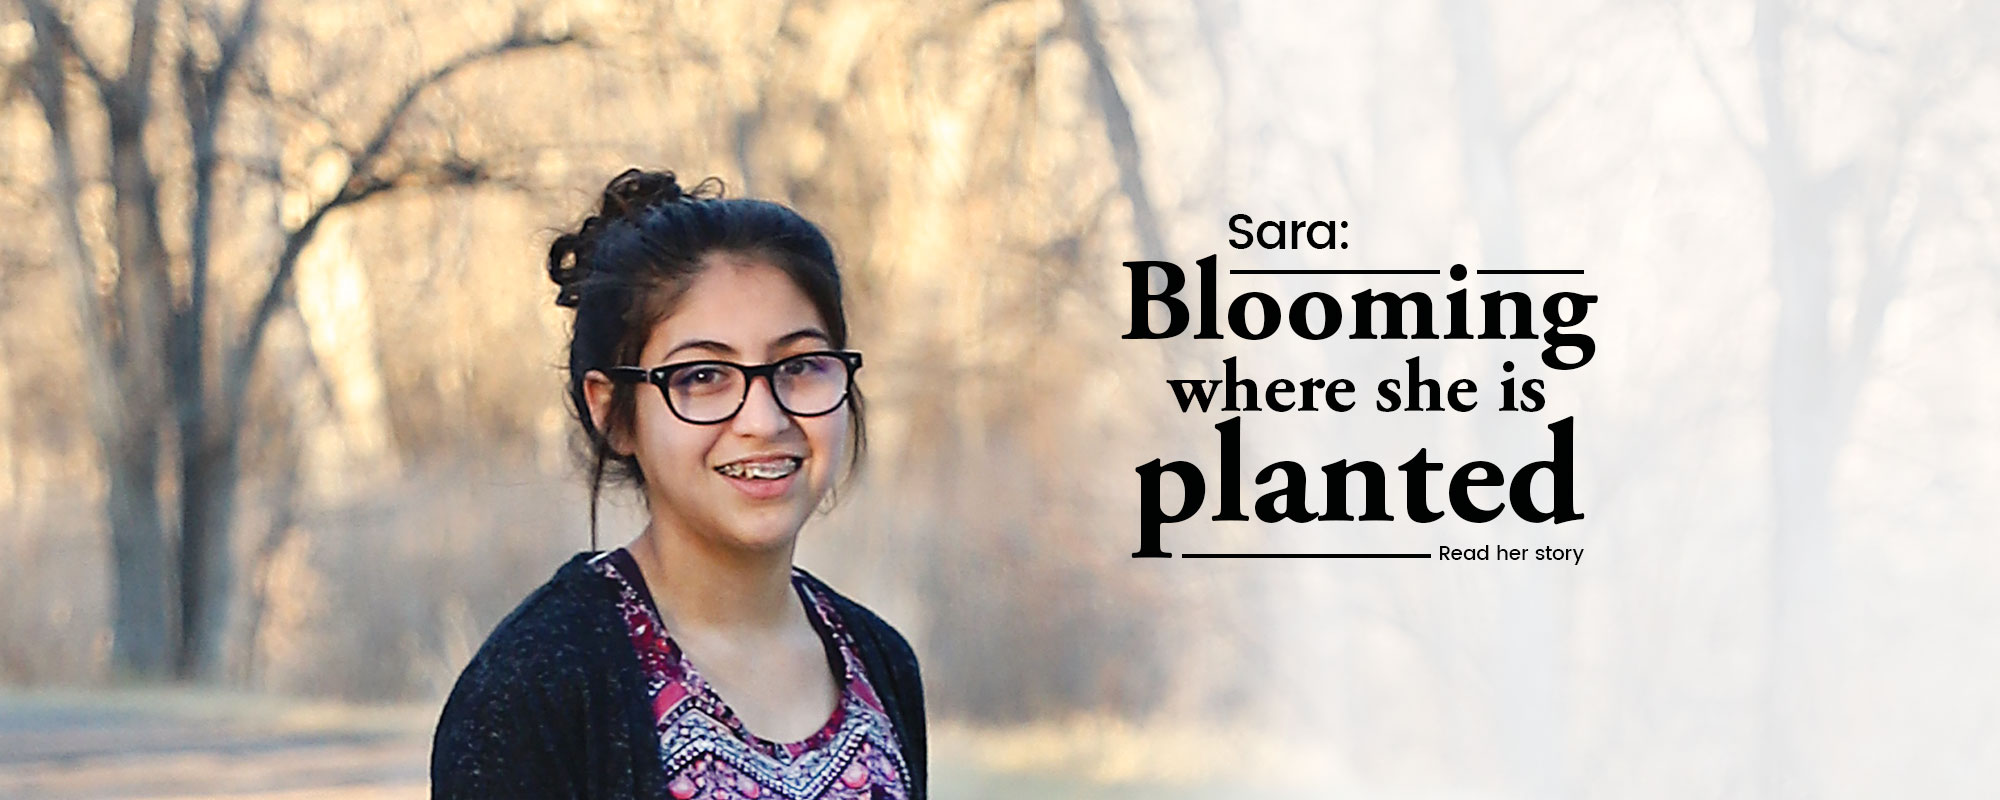 Click to read Sara's story.